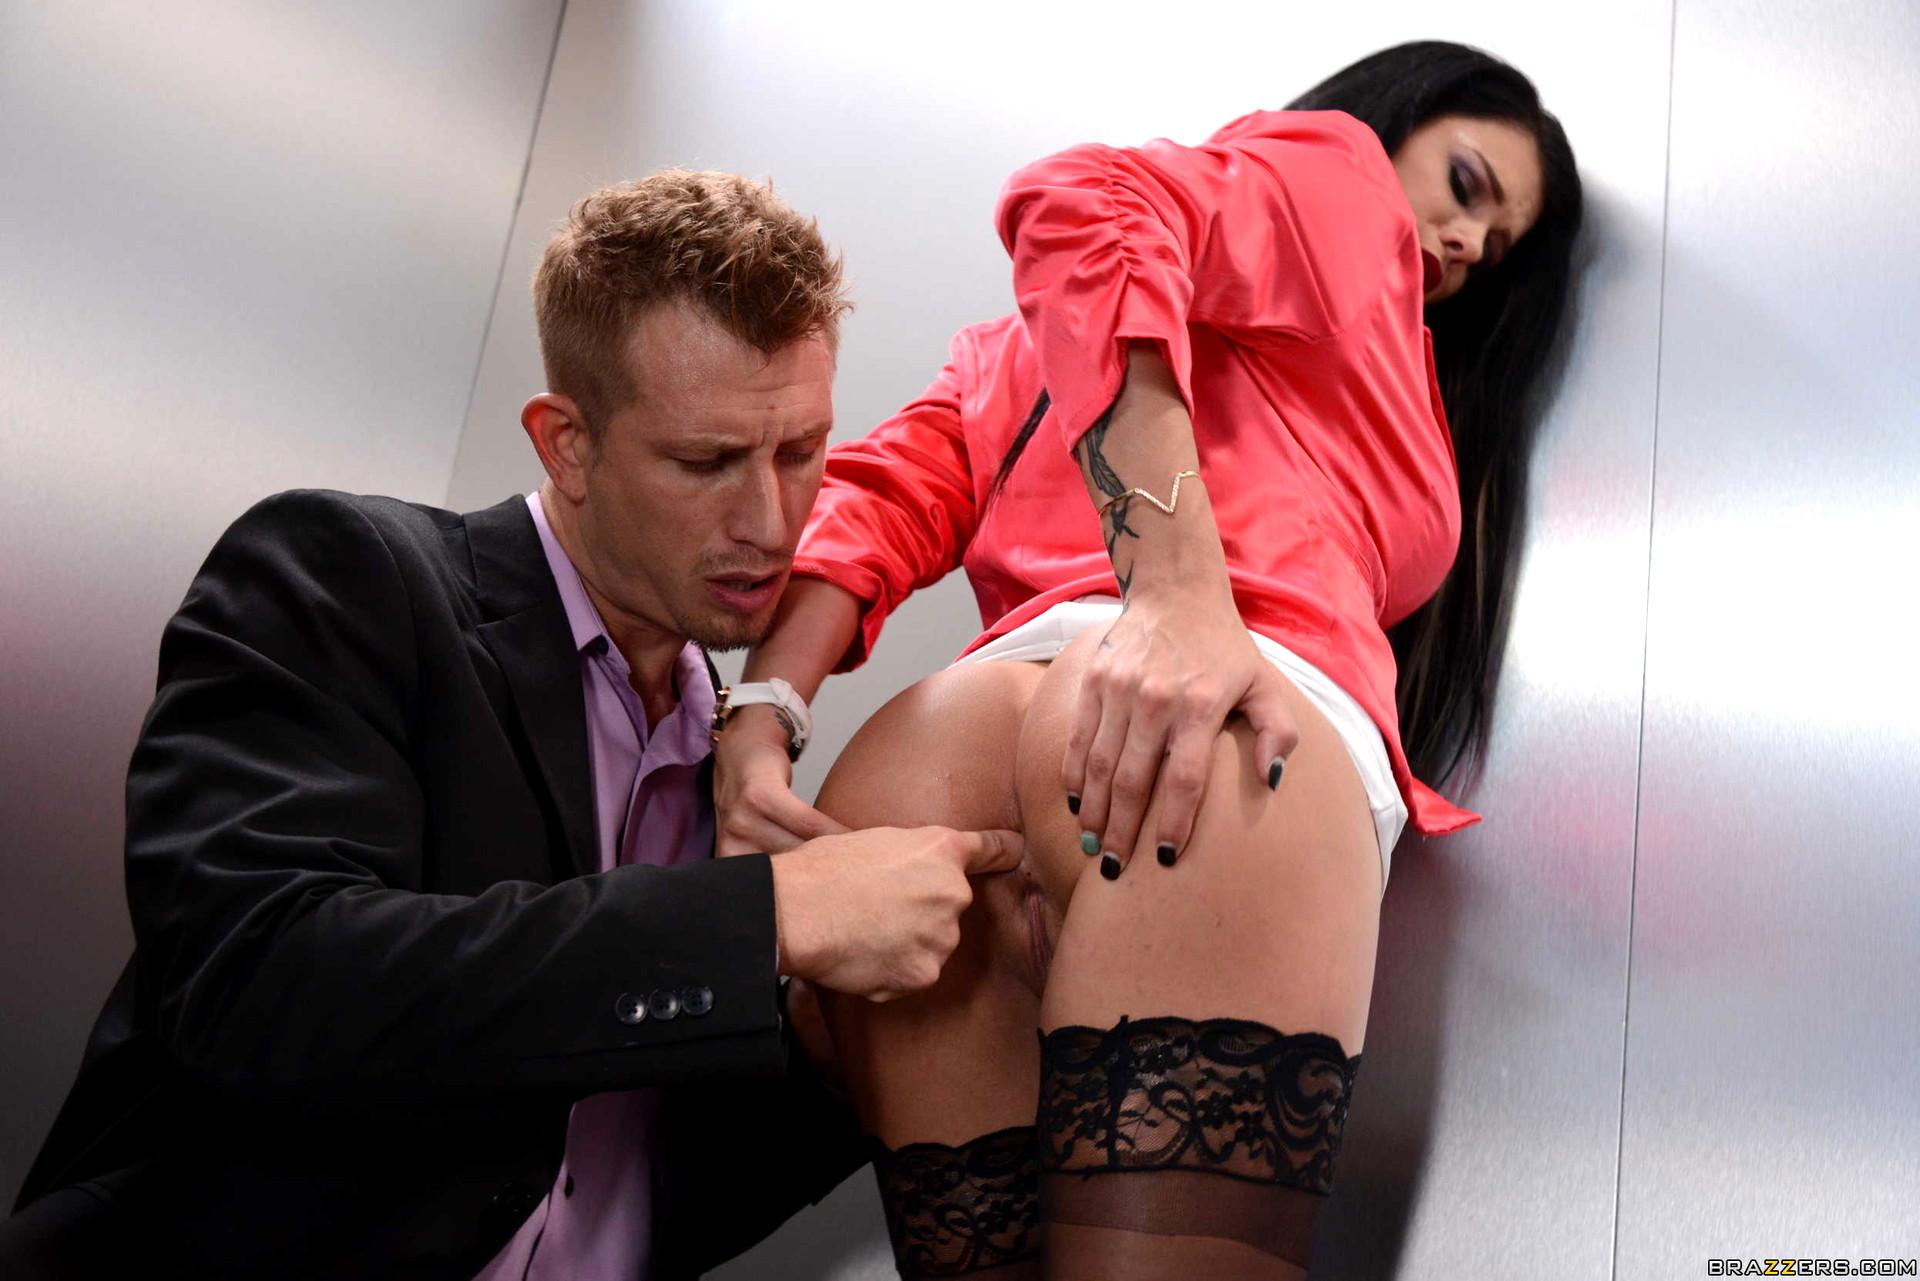 порно анал на улице или в лифте - 7